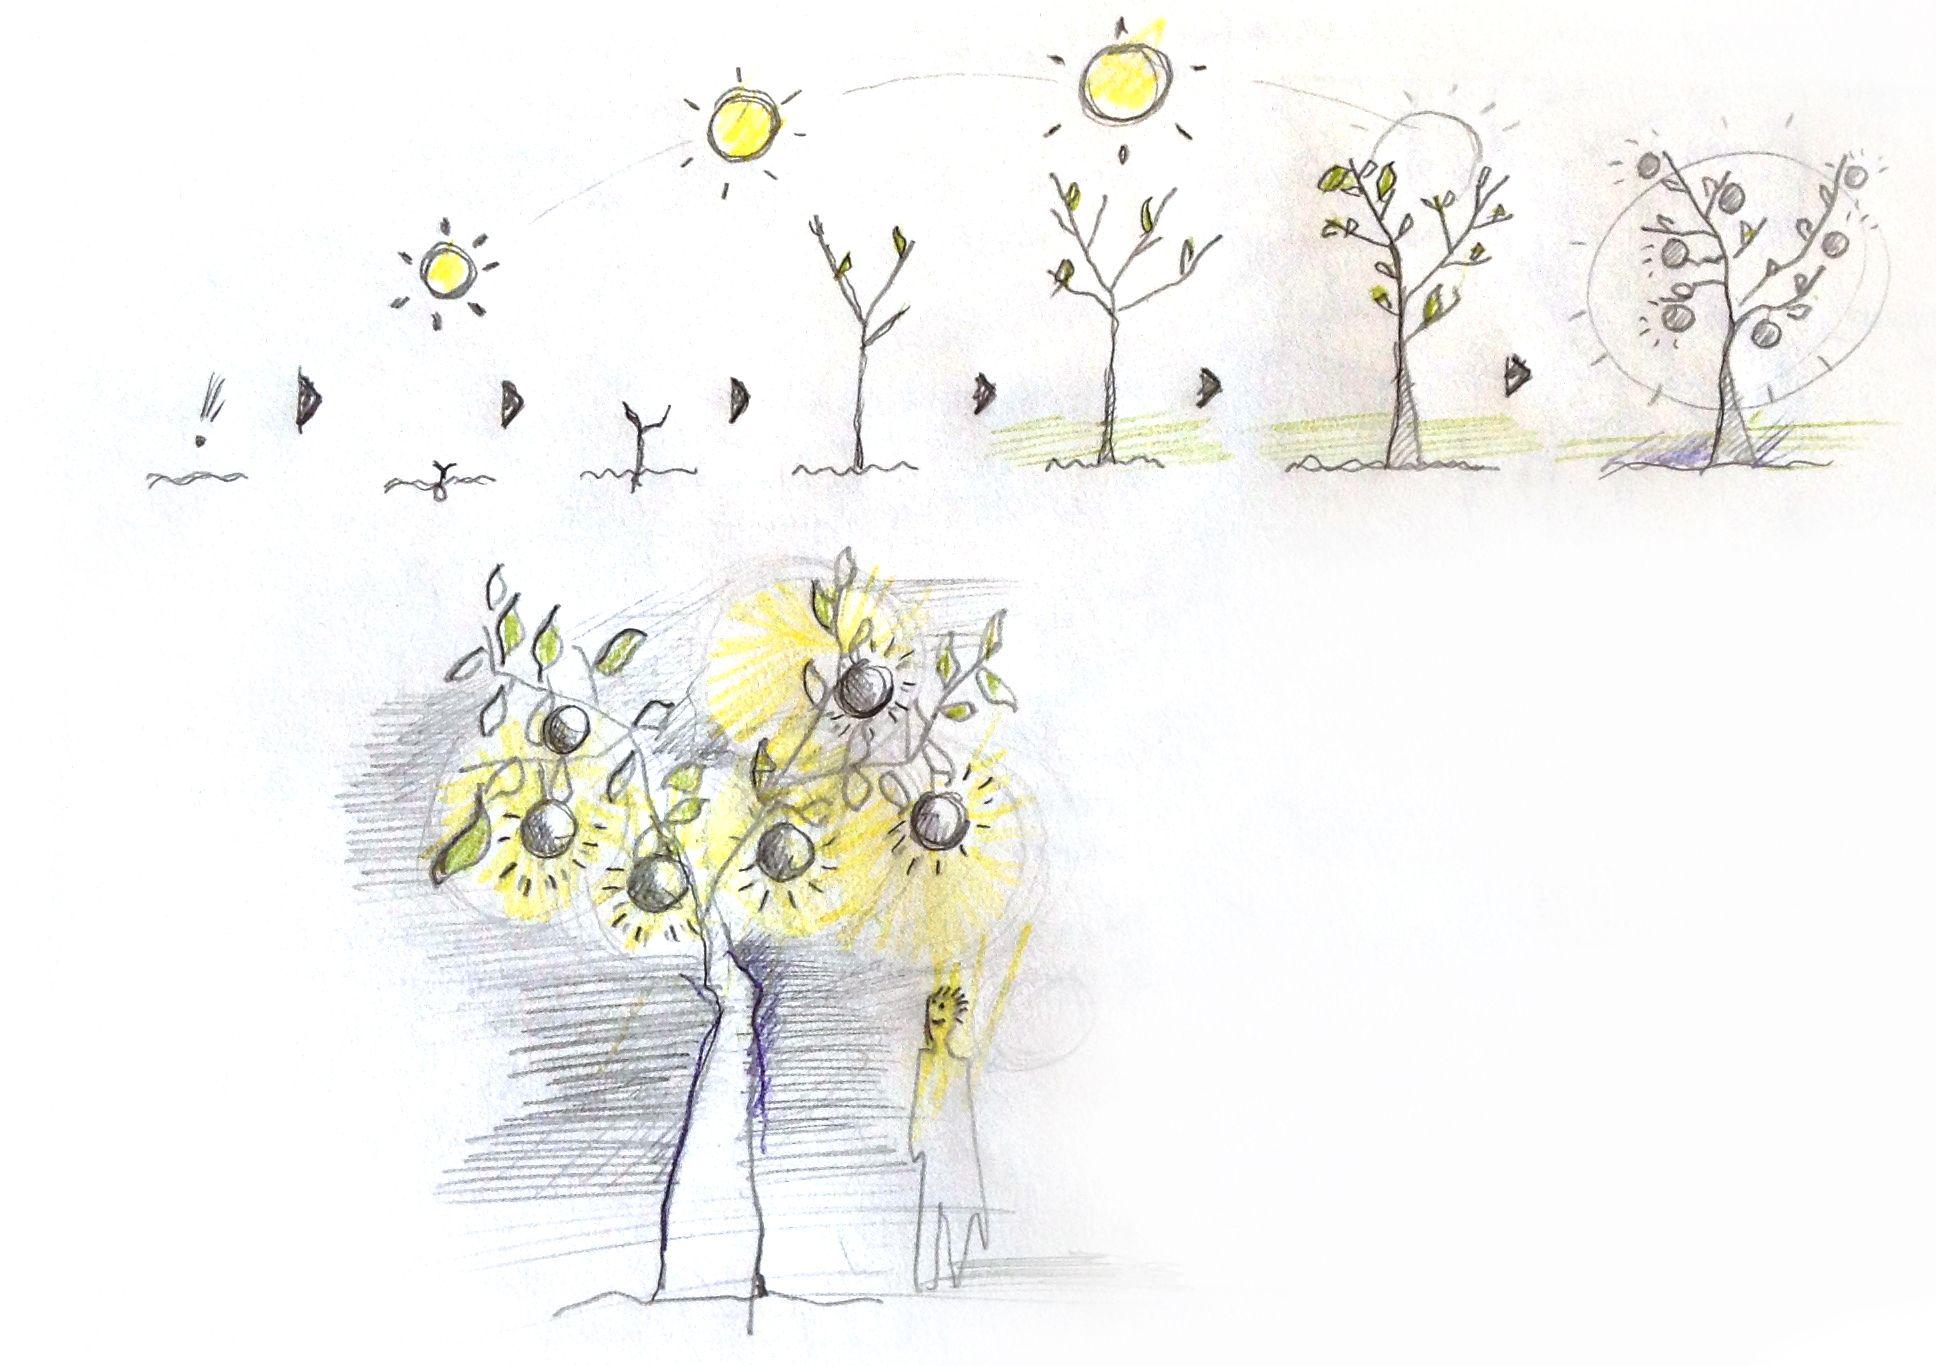 Dibujo Para Nuevo Proyecto Dibujos Proyectos Nuevos Proyectos